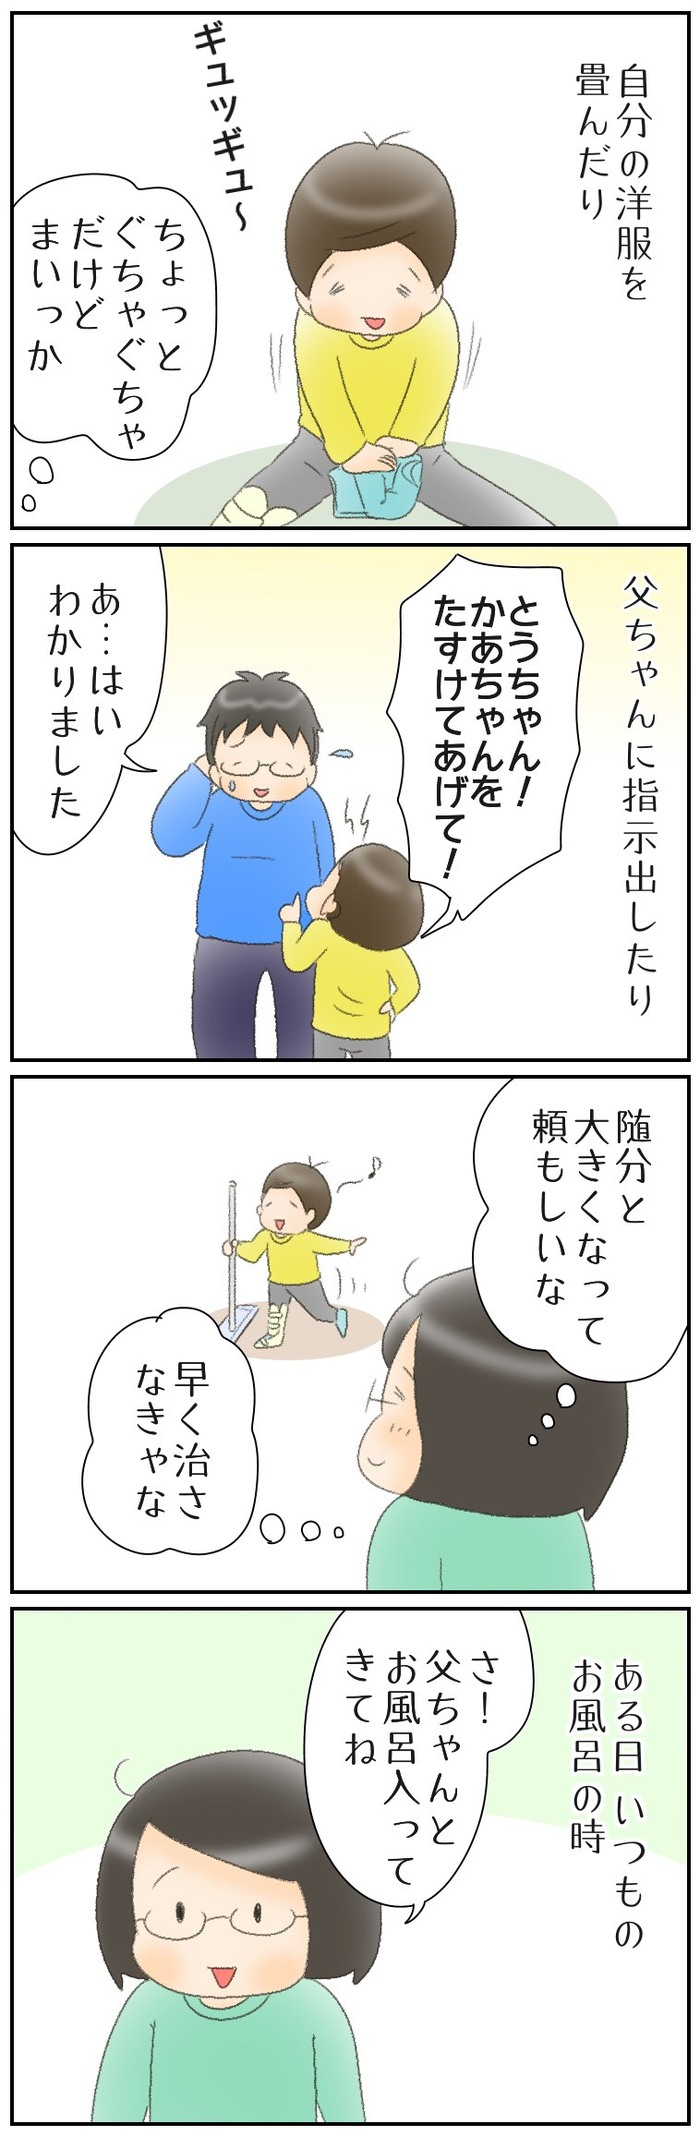 お手伝いを頑張っていた息子。でも本当の気持ちは…?の画像2